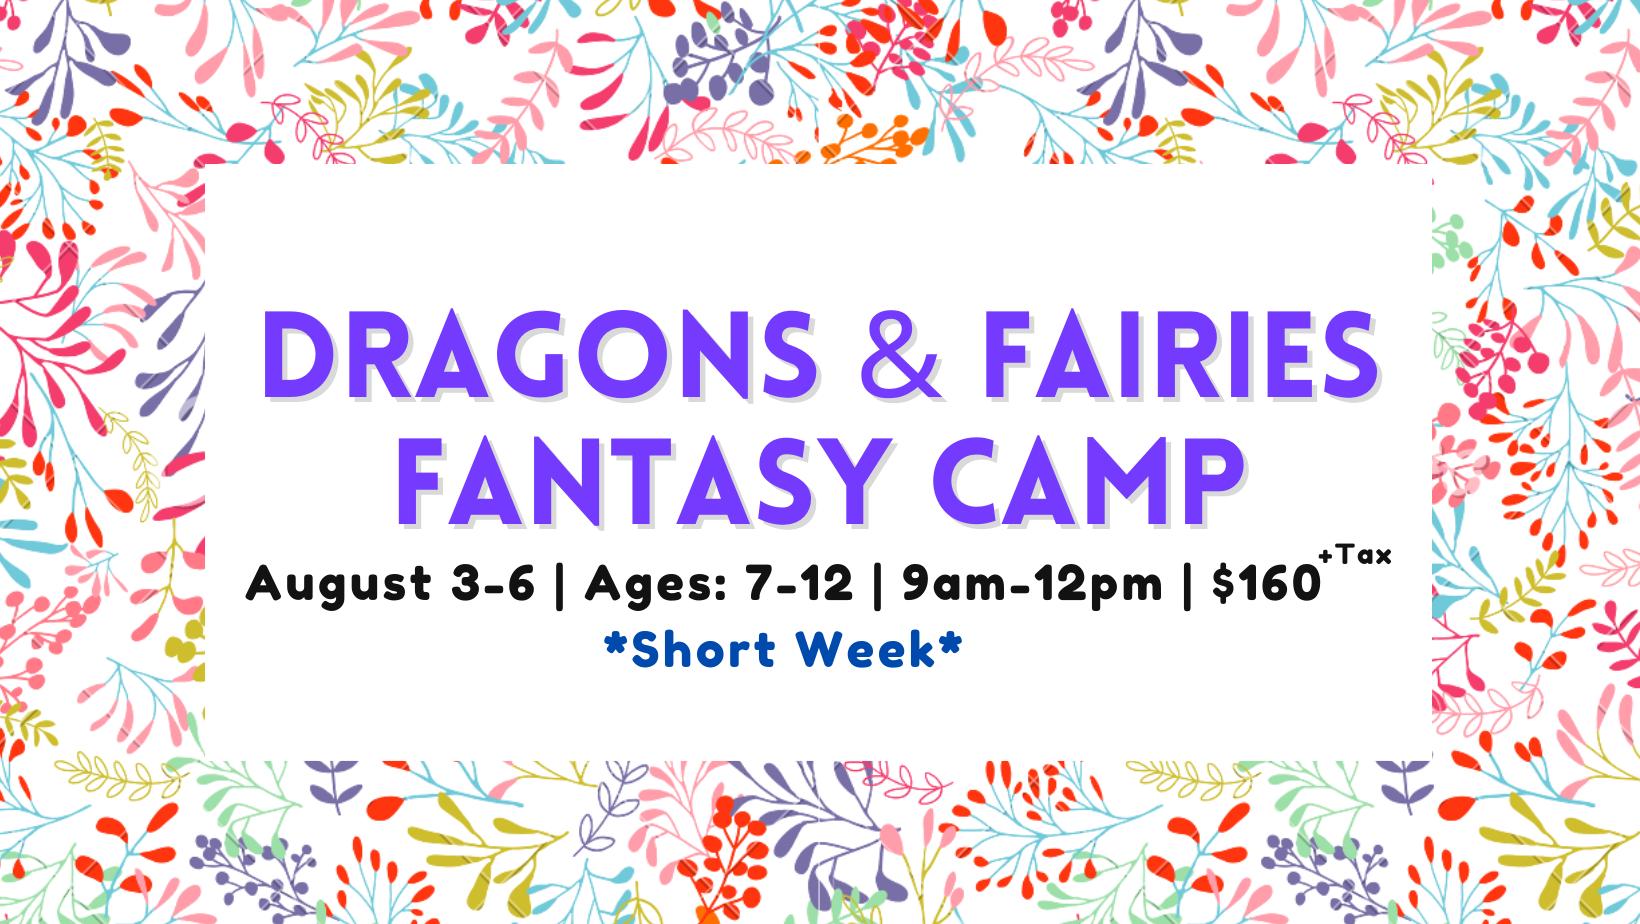 Dragons, Fairies & Fantasy Camp